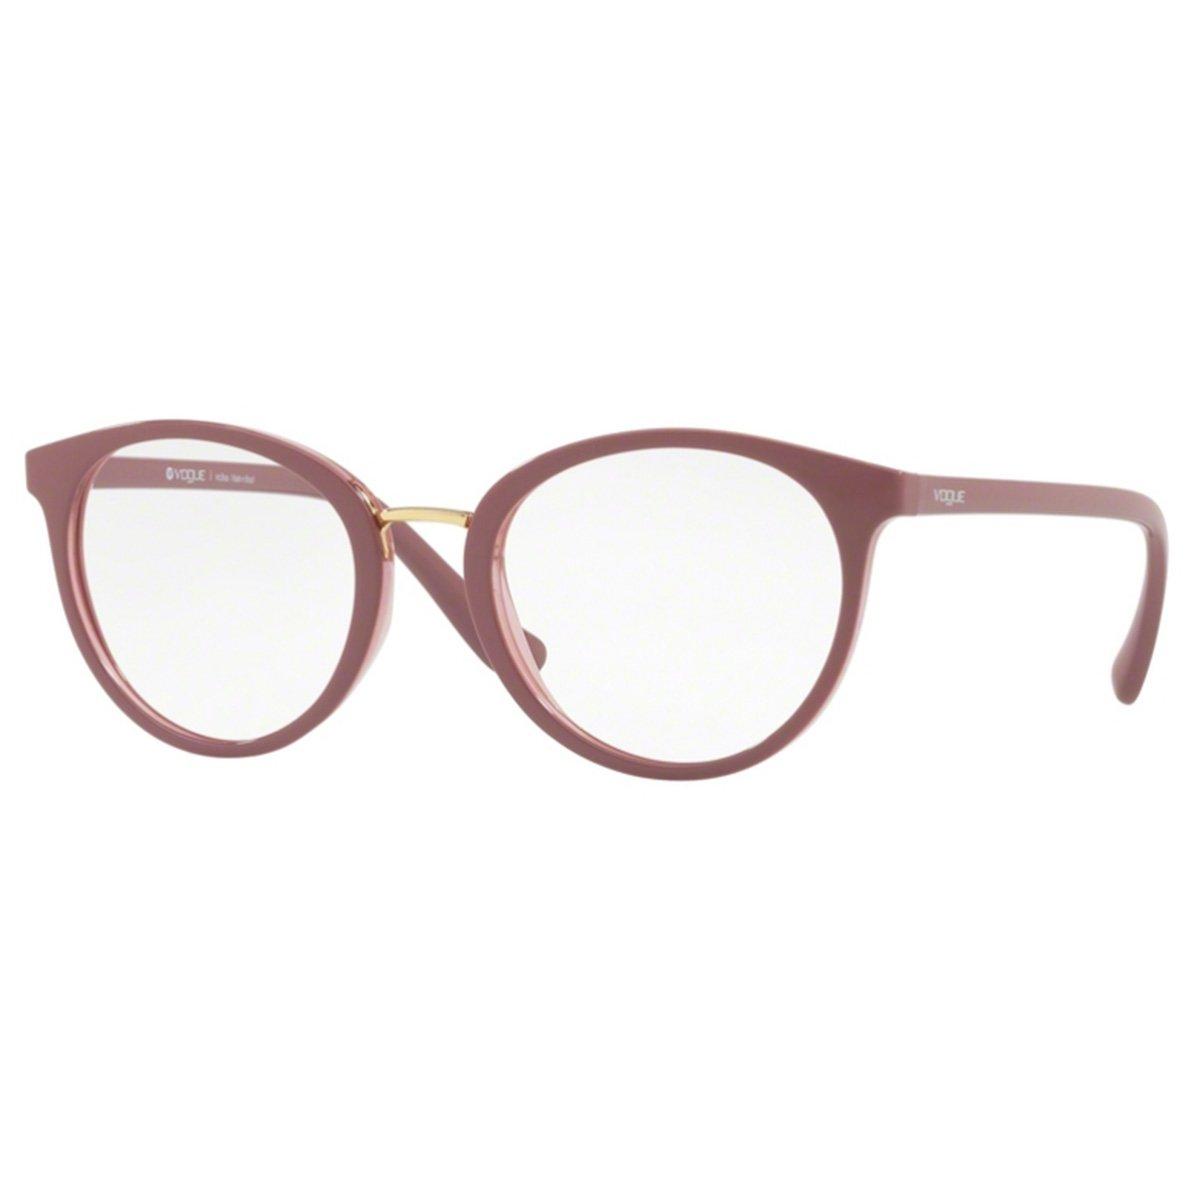 b5bde68aac441 Compre Óculos de Grau Vogue em 10X   Tri-Jóia Shop